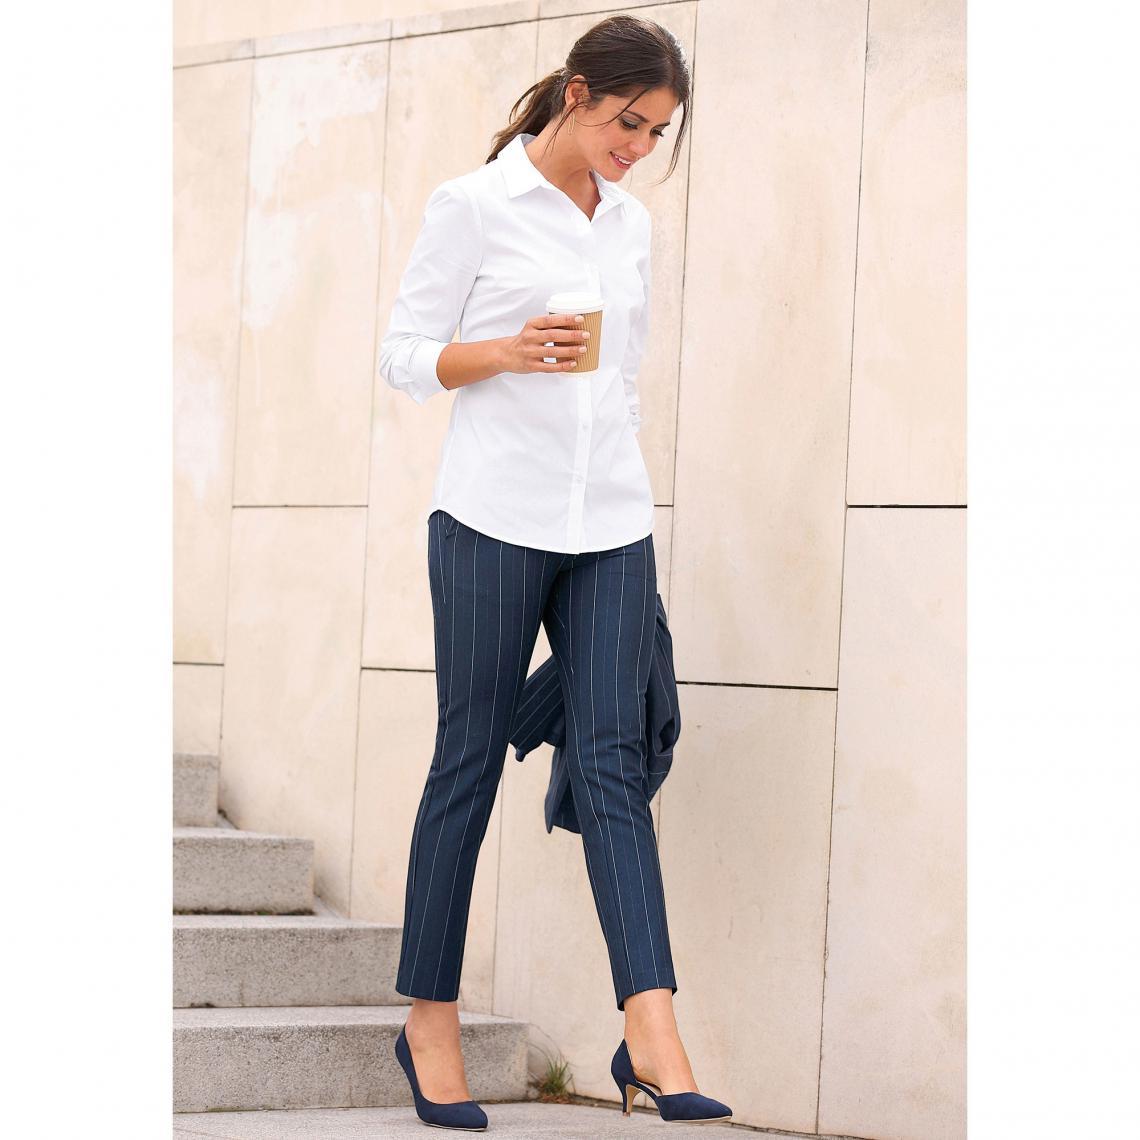 1d88709f74b23 Pantalon rayé taille élastique poches et pinces dos femme exclusivité  3Suisses - Rayé Bleu Marine 3